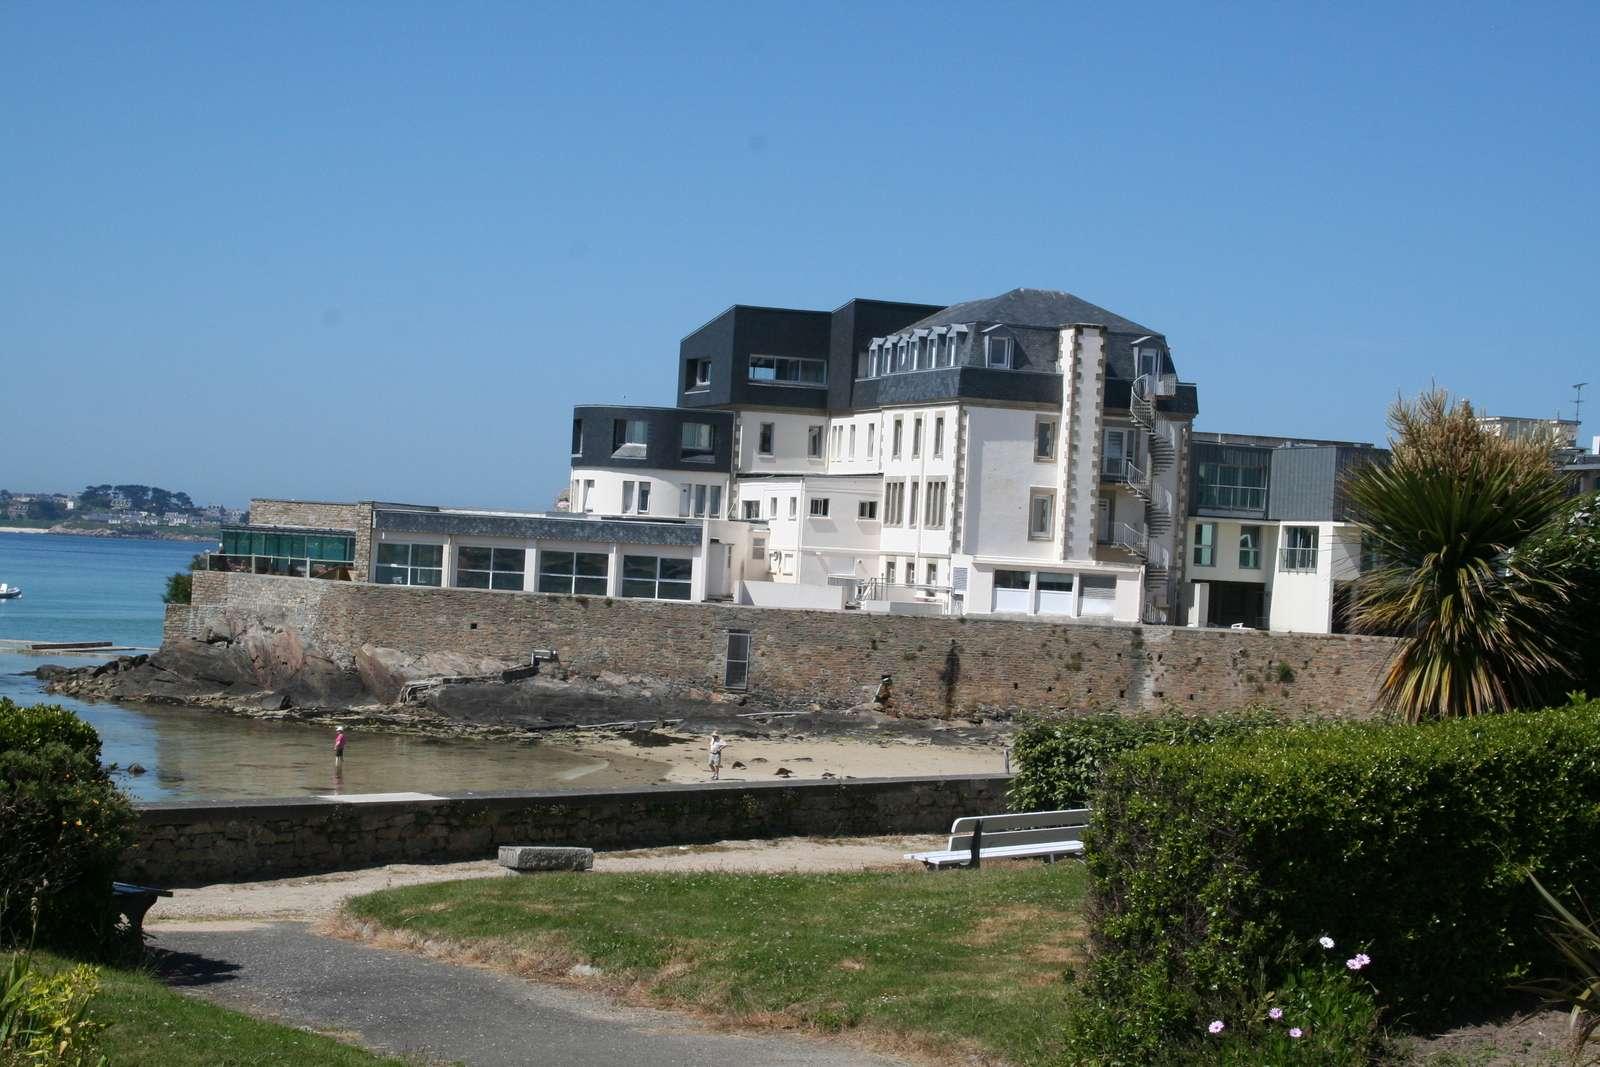 Institut marin roch-roum hesco 6